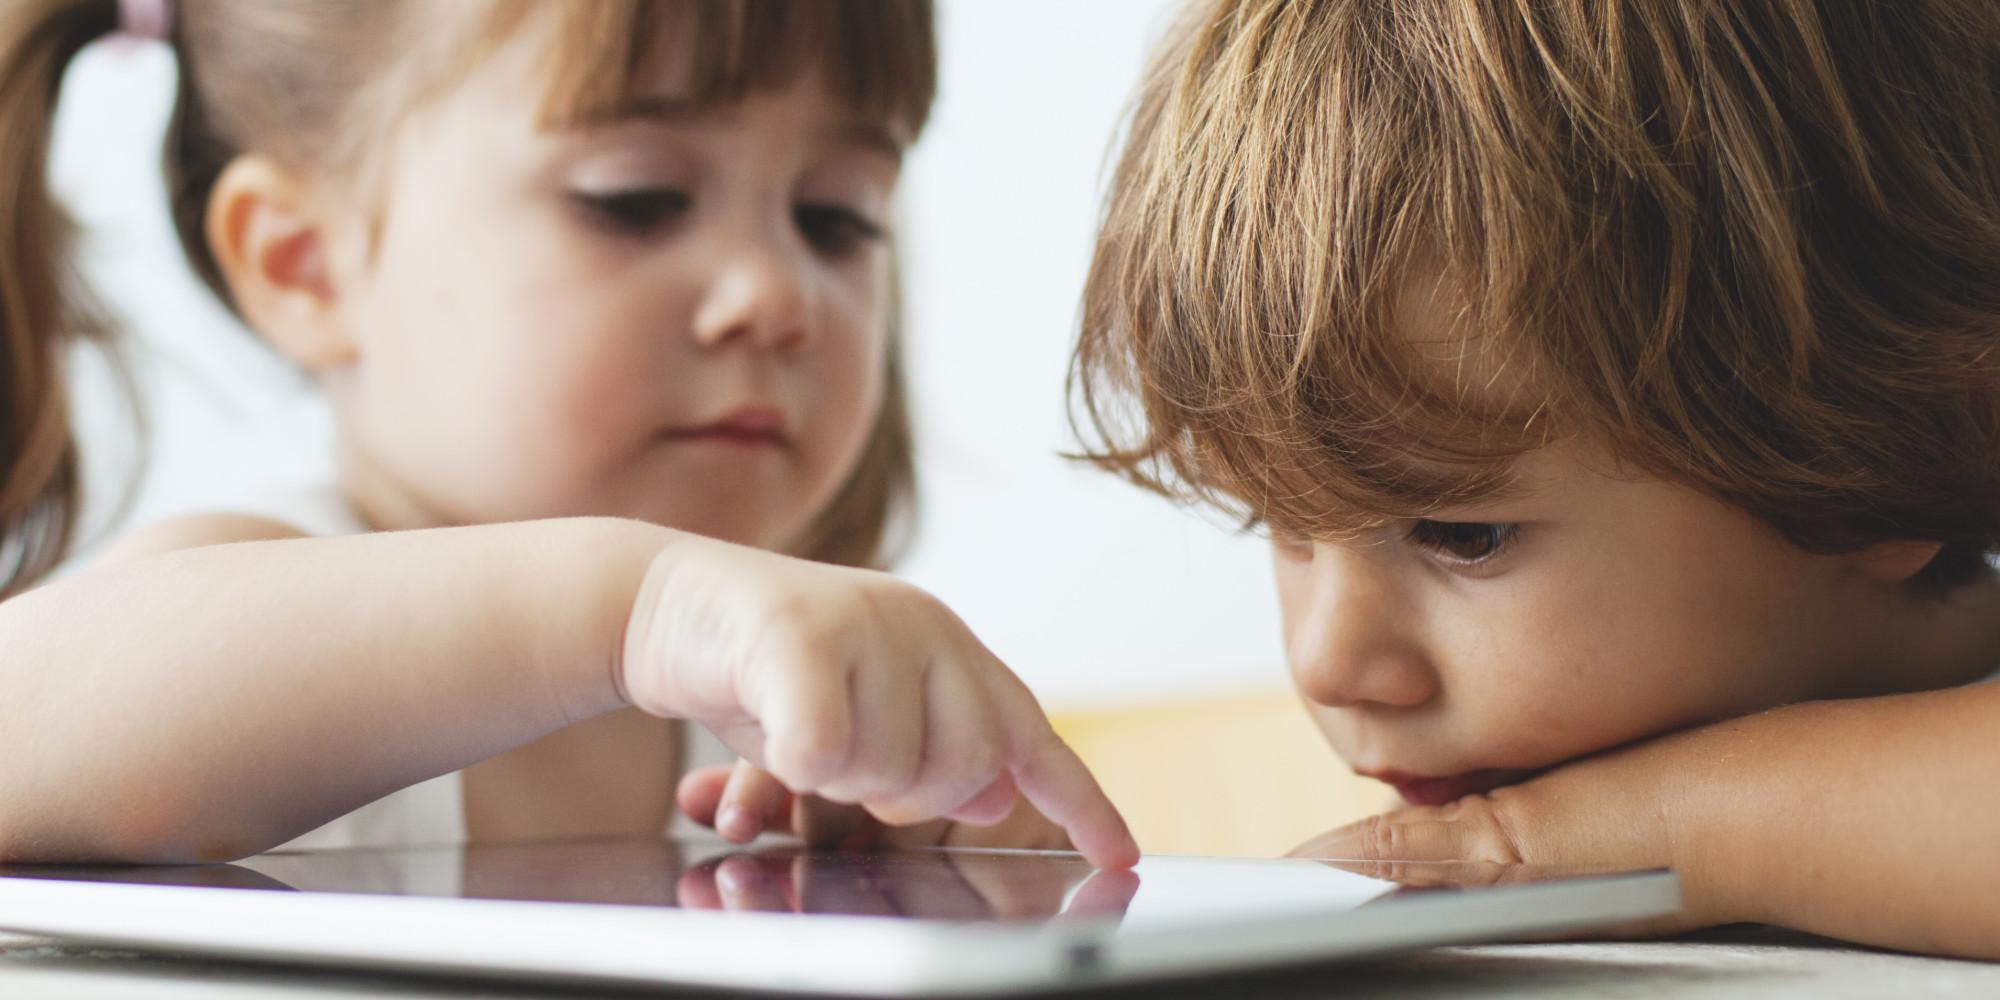 τεχνολογία και παιδιά - Abouttheweb